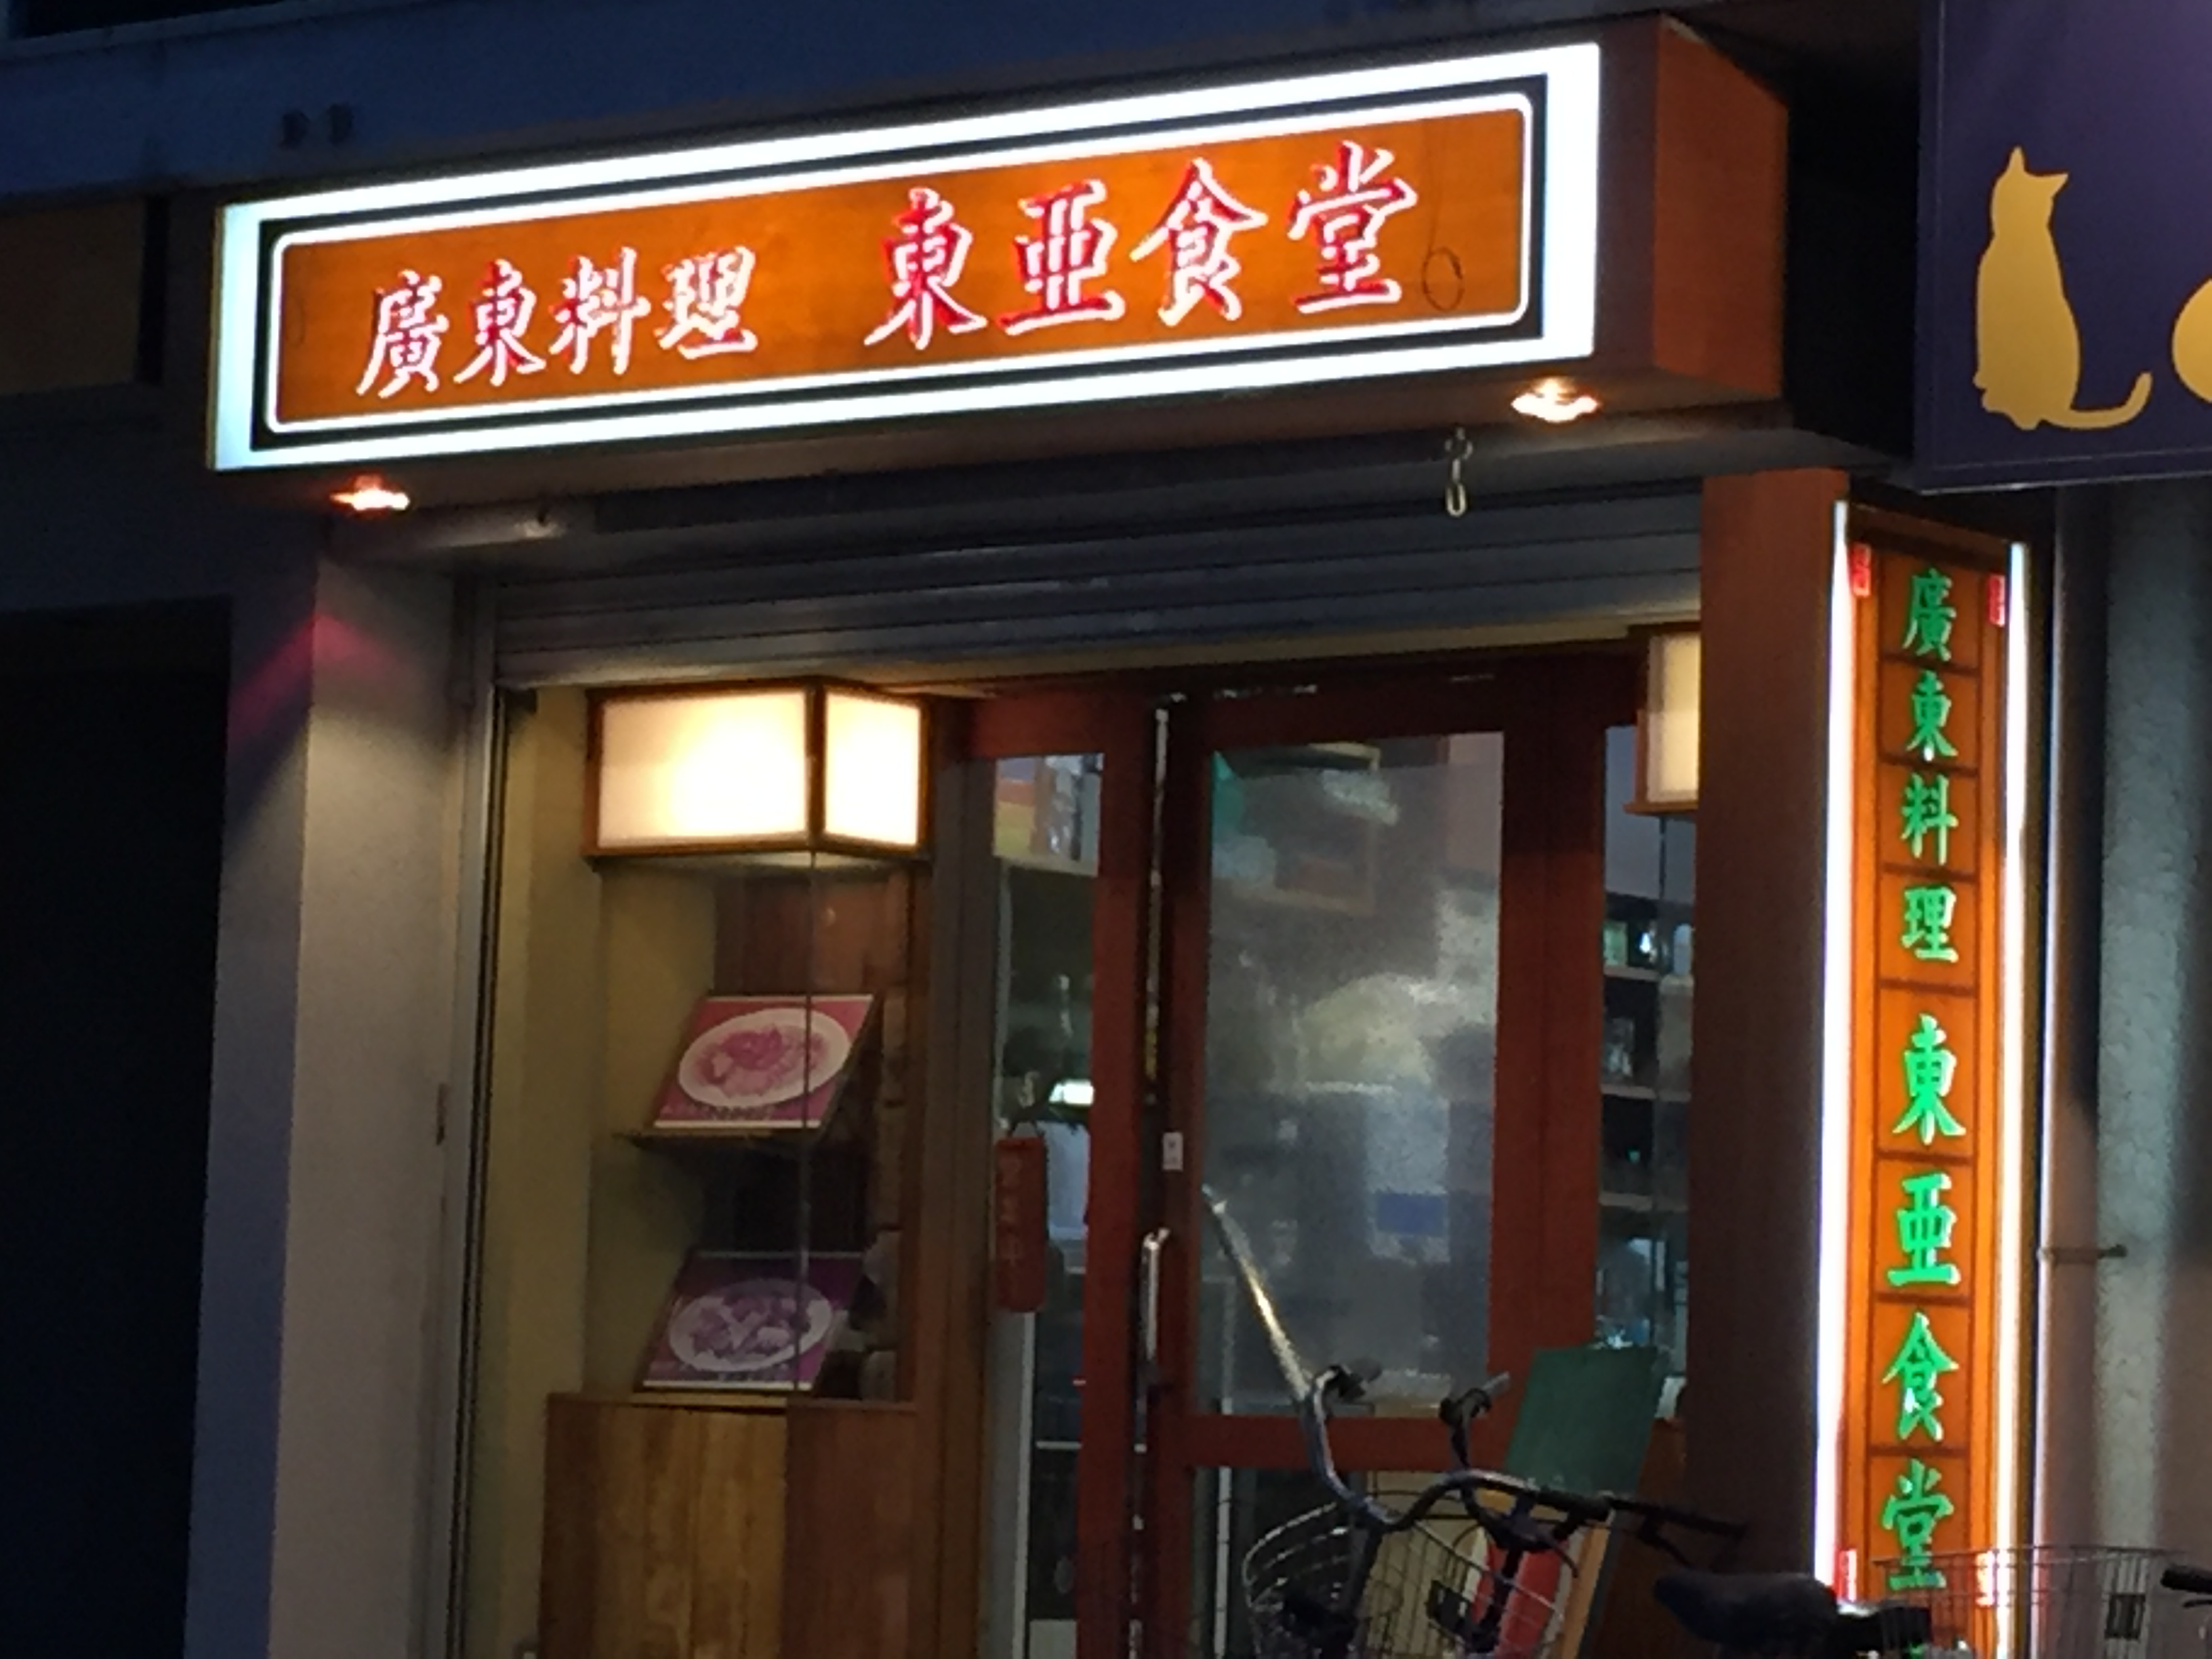 神戸市 飲食 東亜食堂様